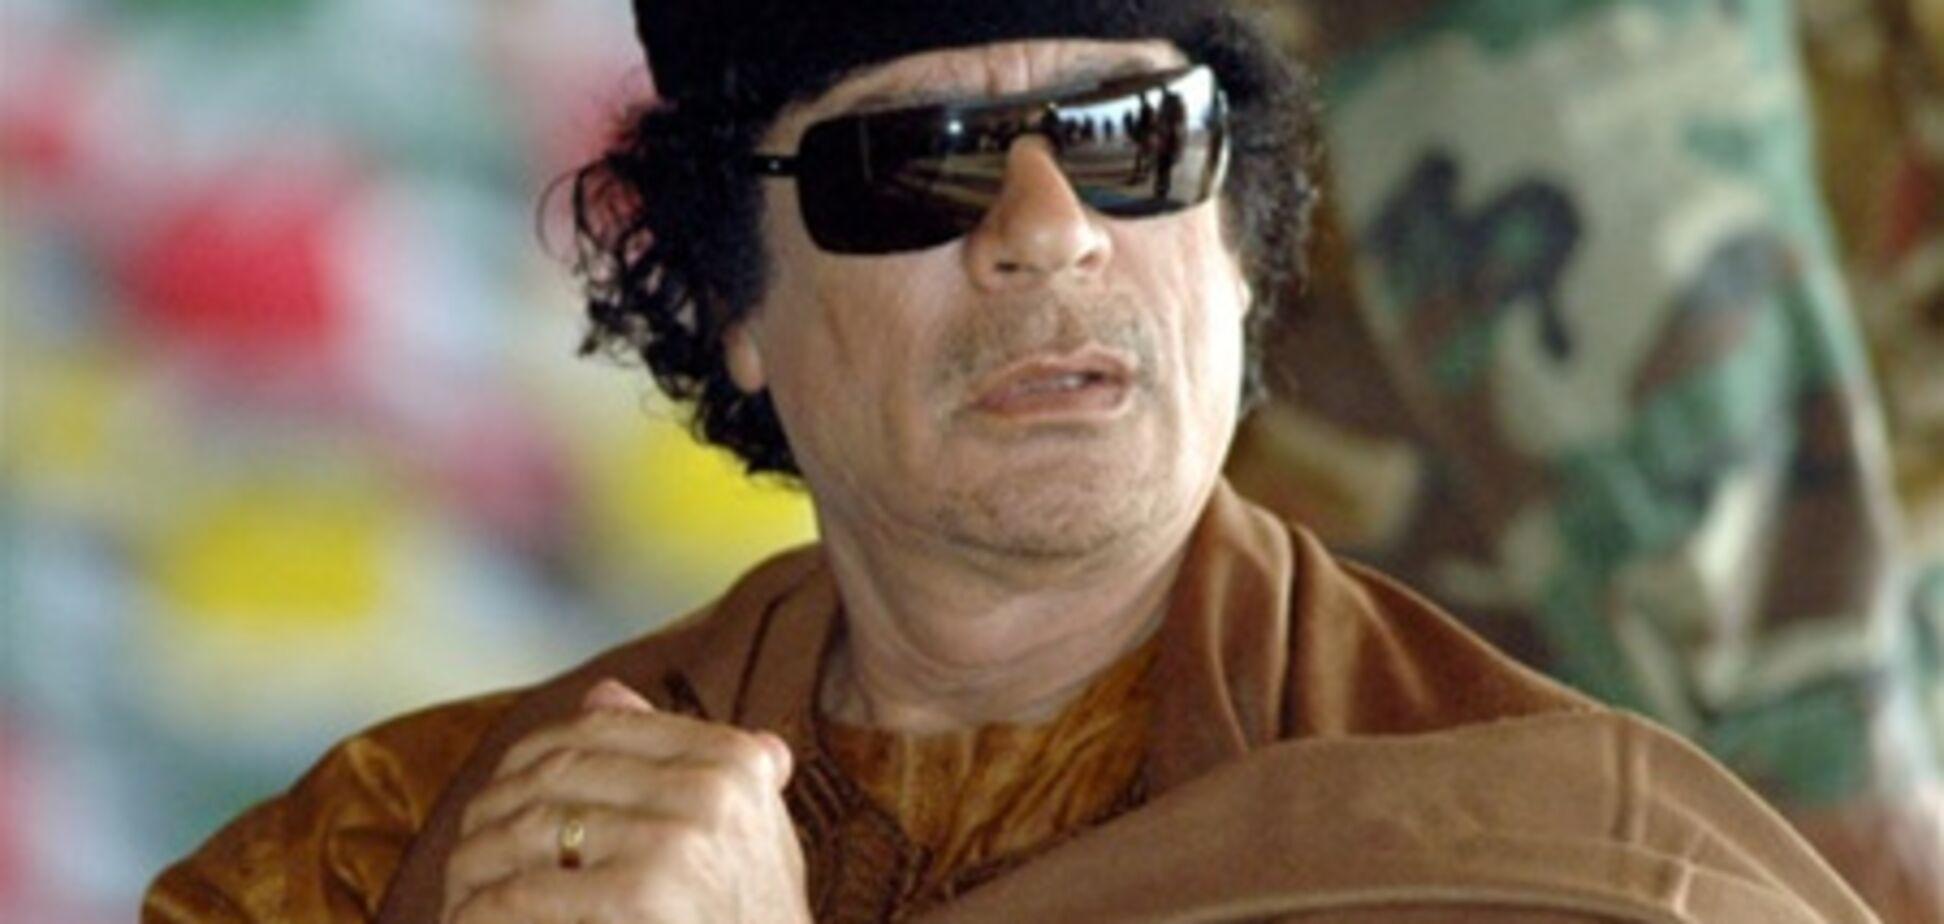 Каддафи вновь призвал ливийцев к борьбе против колонизаторов